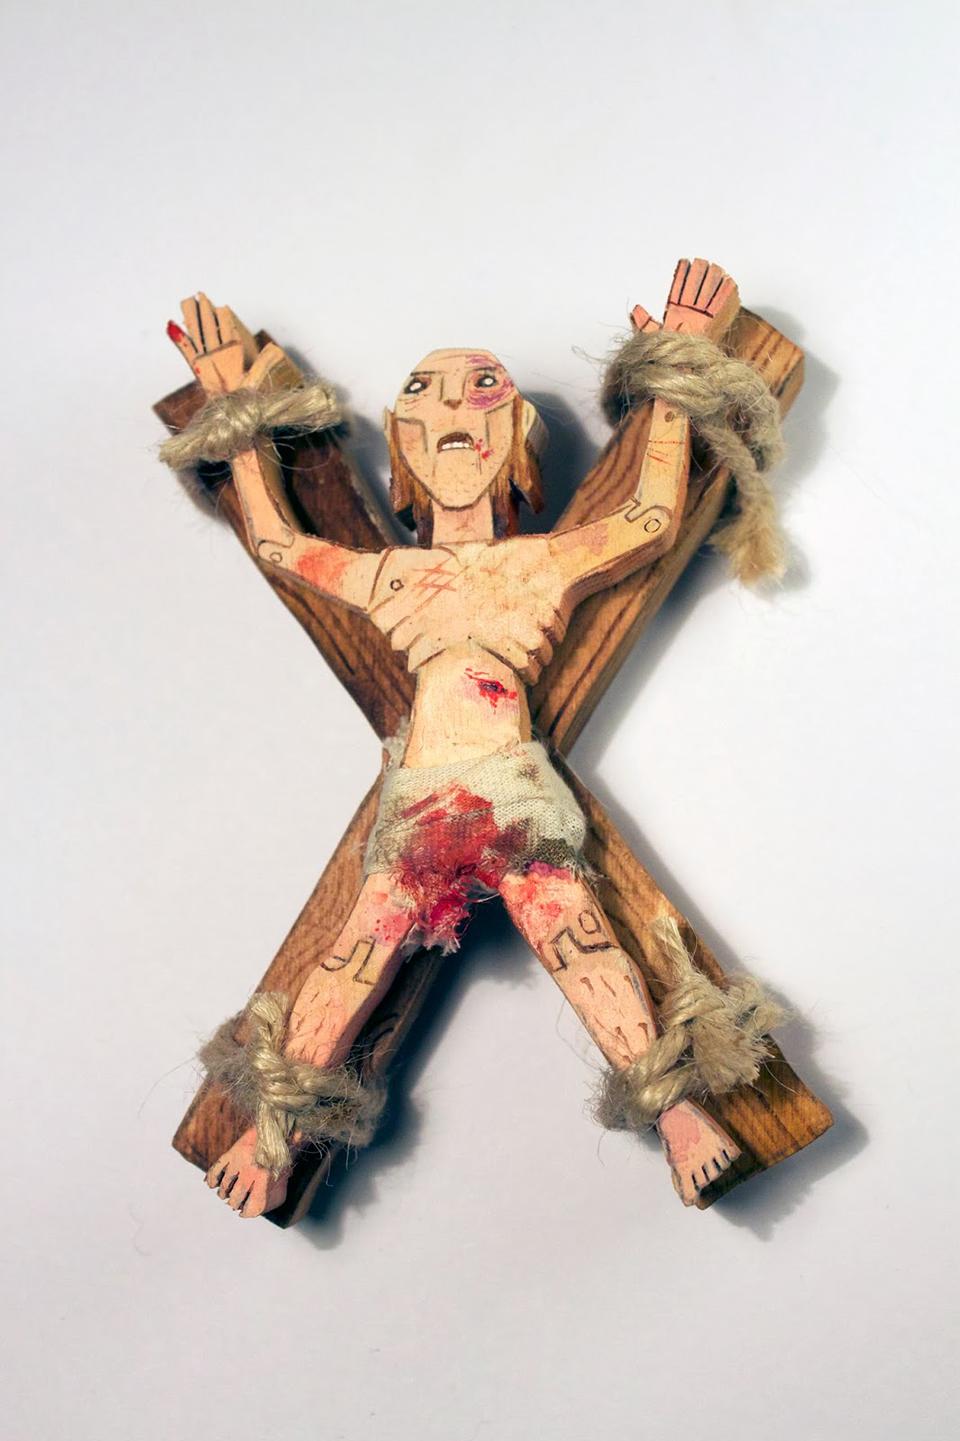 game_of_thrones_wooden_action_figures_8.jpg